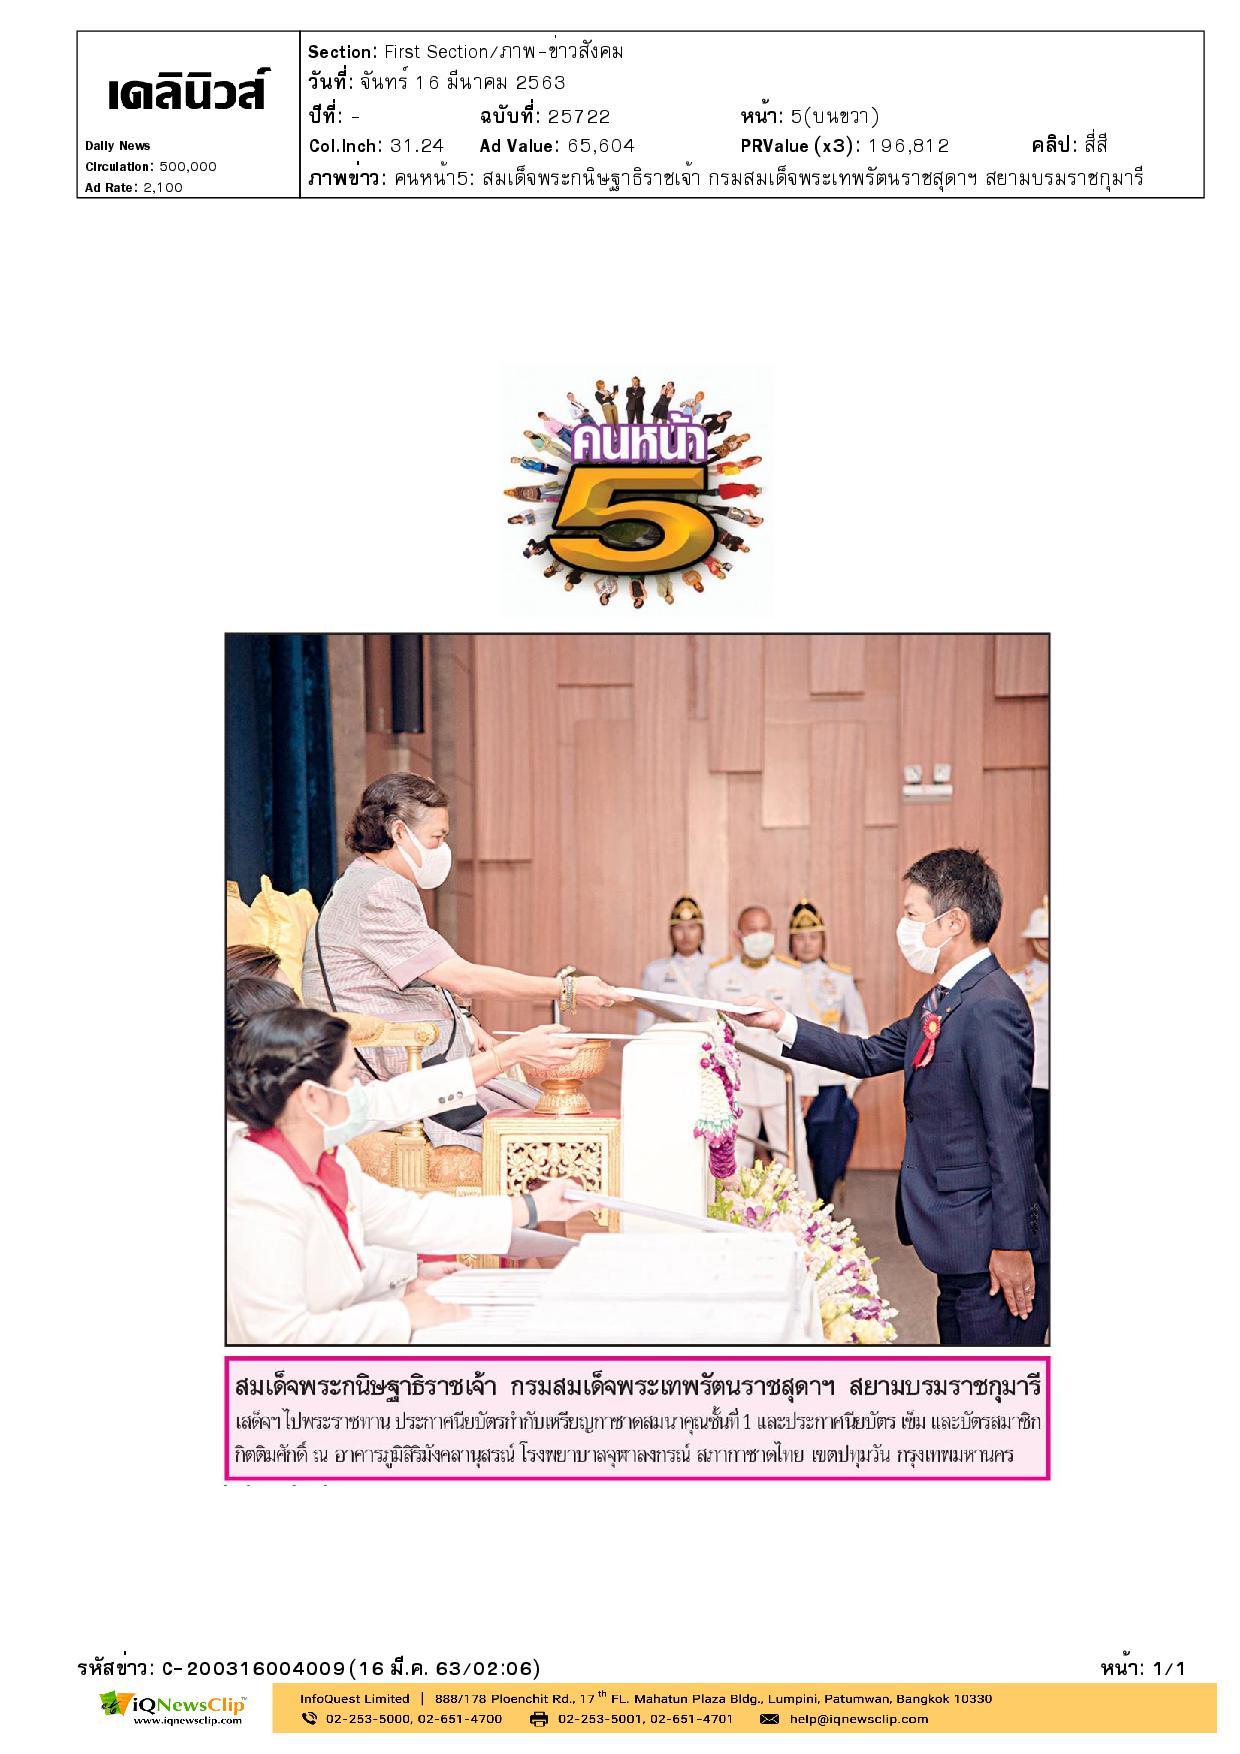 การประชุมคณะกรรมการสภากาชาดไทย ครั้งที่ 336